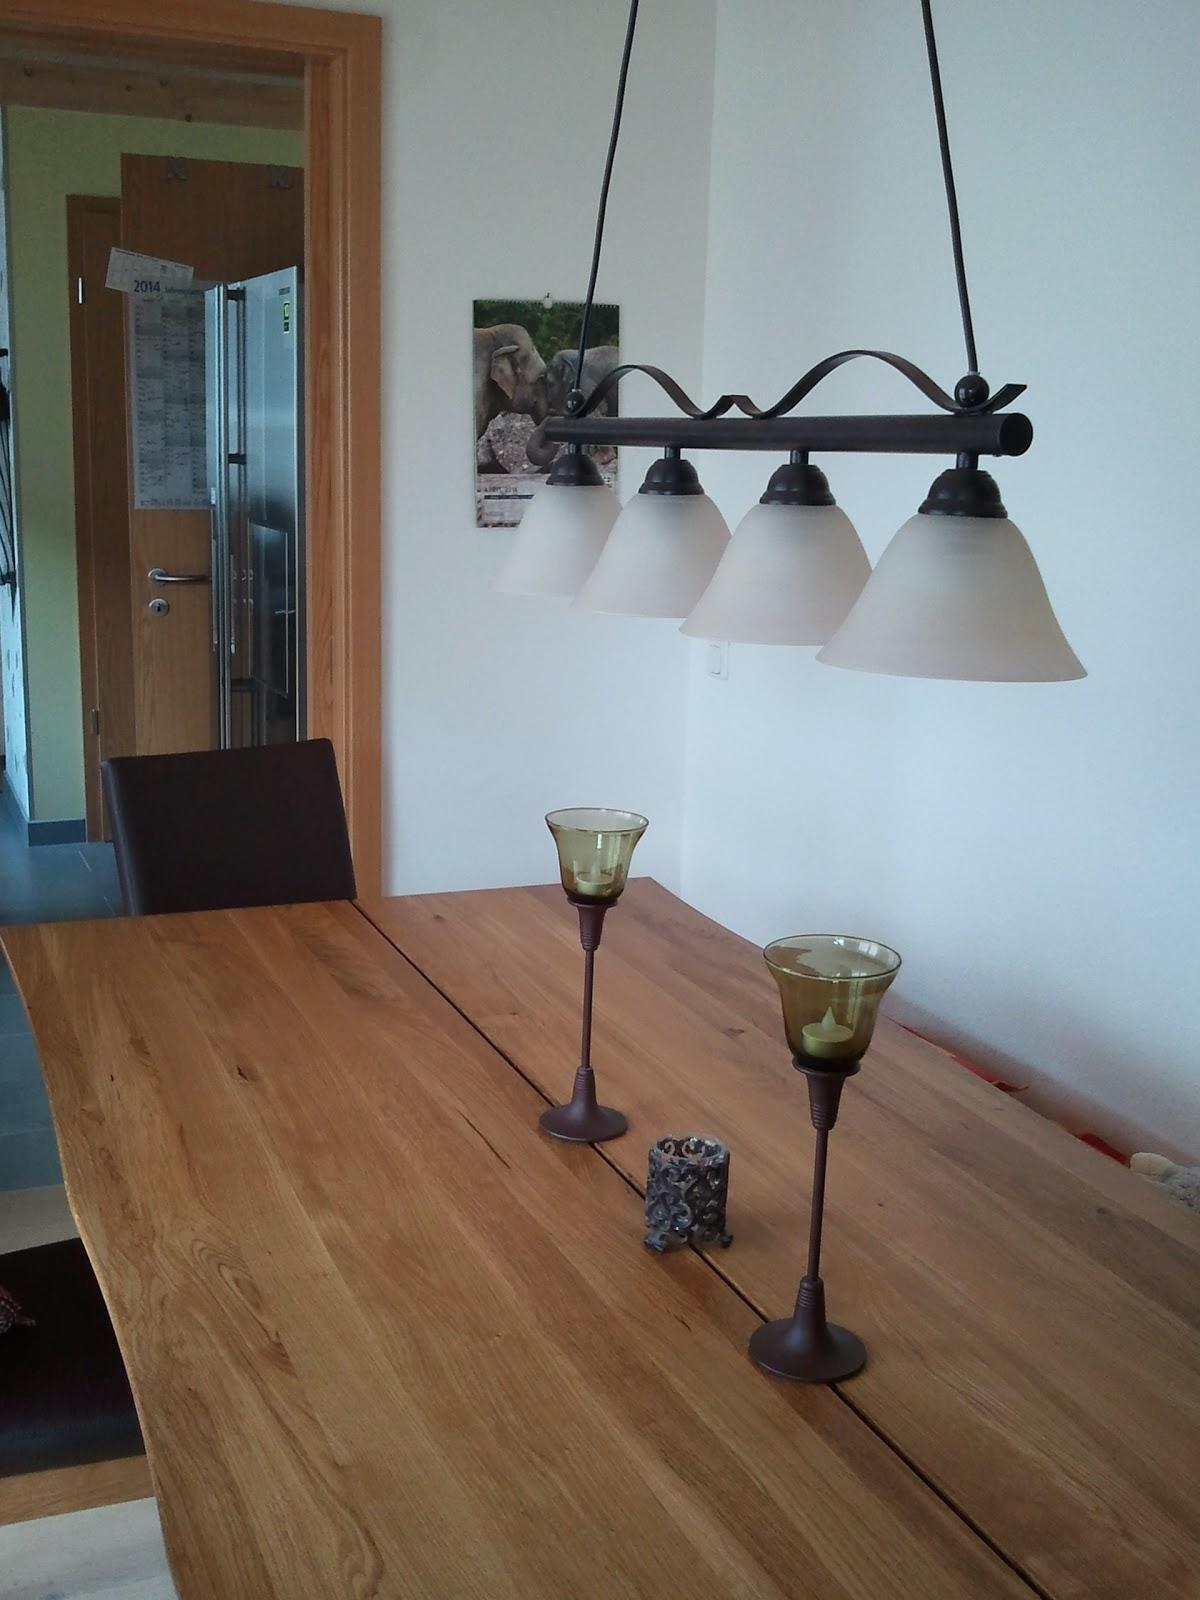 ein traum w chst einrichtung esszimmer plisseevorh nge wohnzimmer. Black Bedroom Furniture Sets. Home Design Ideas